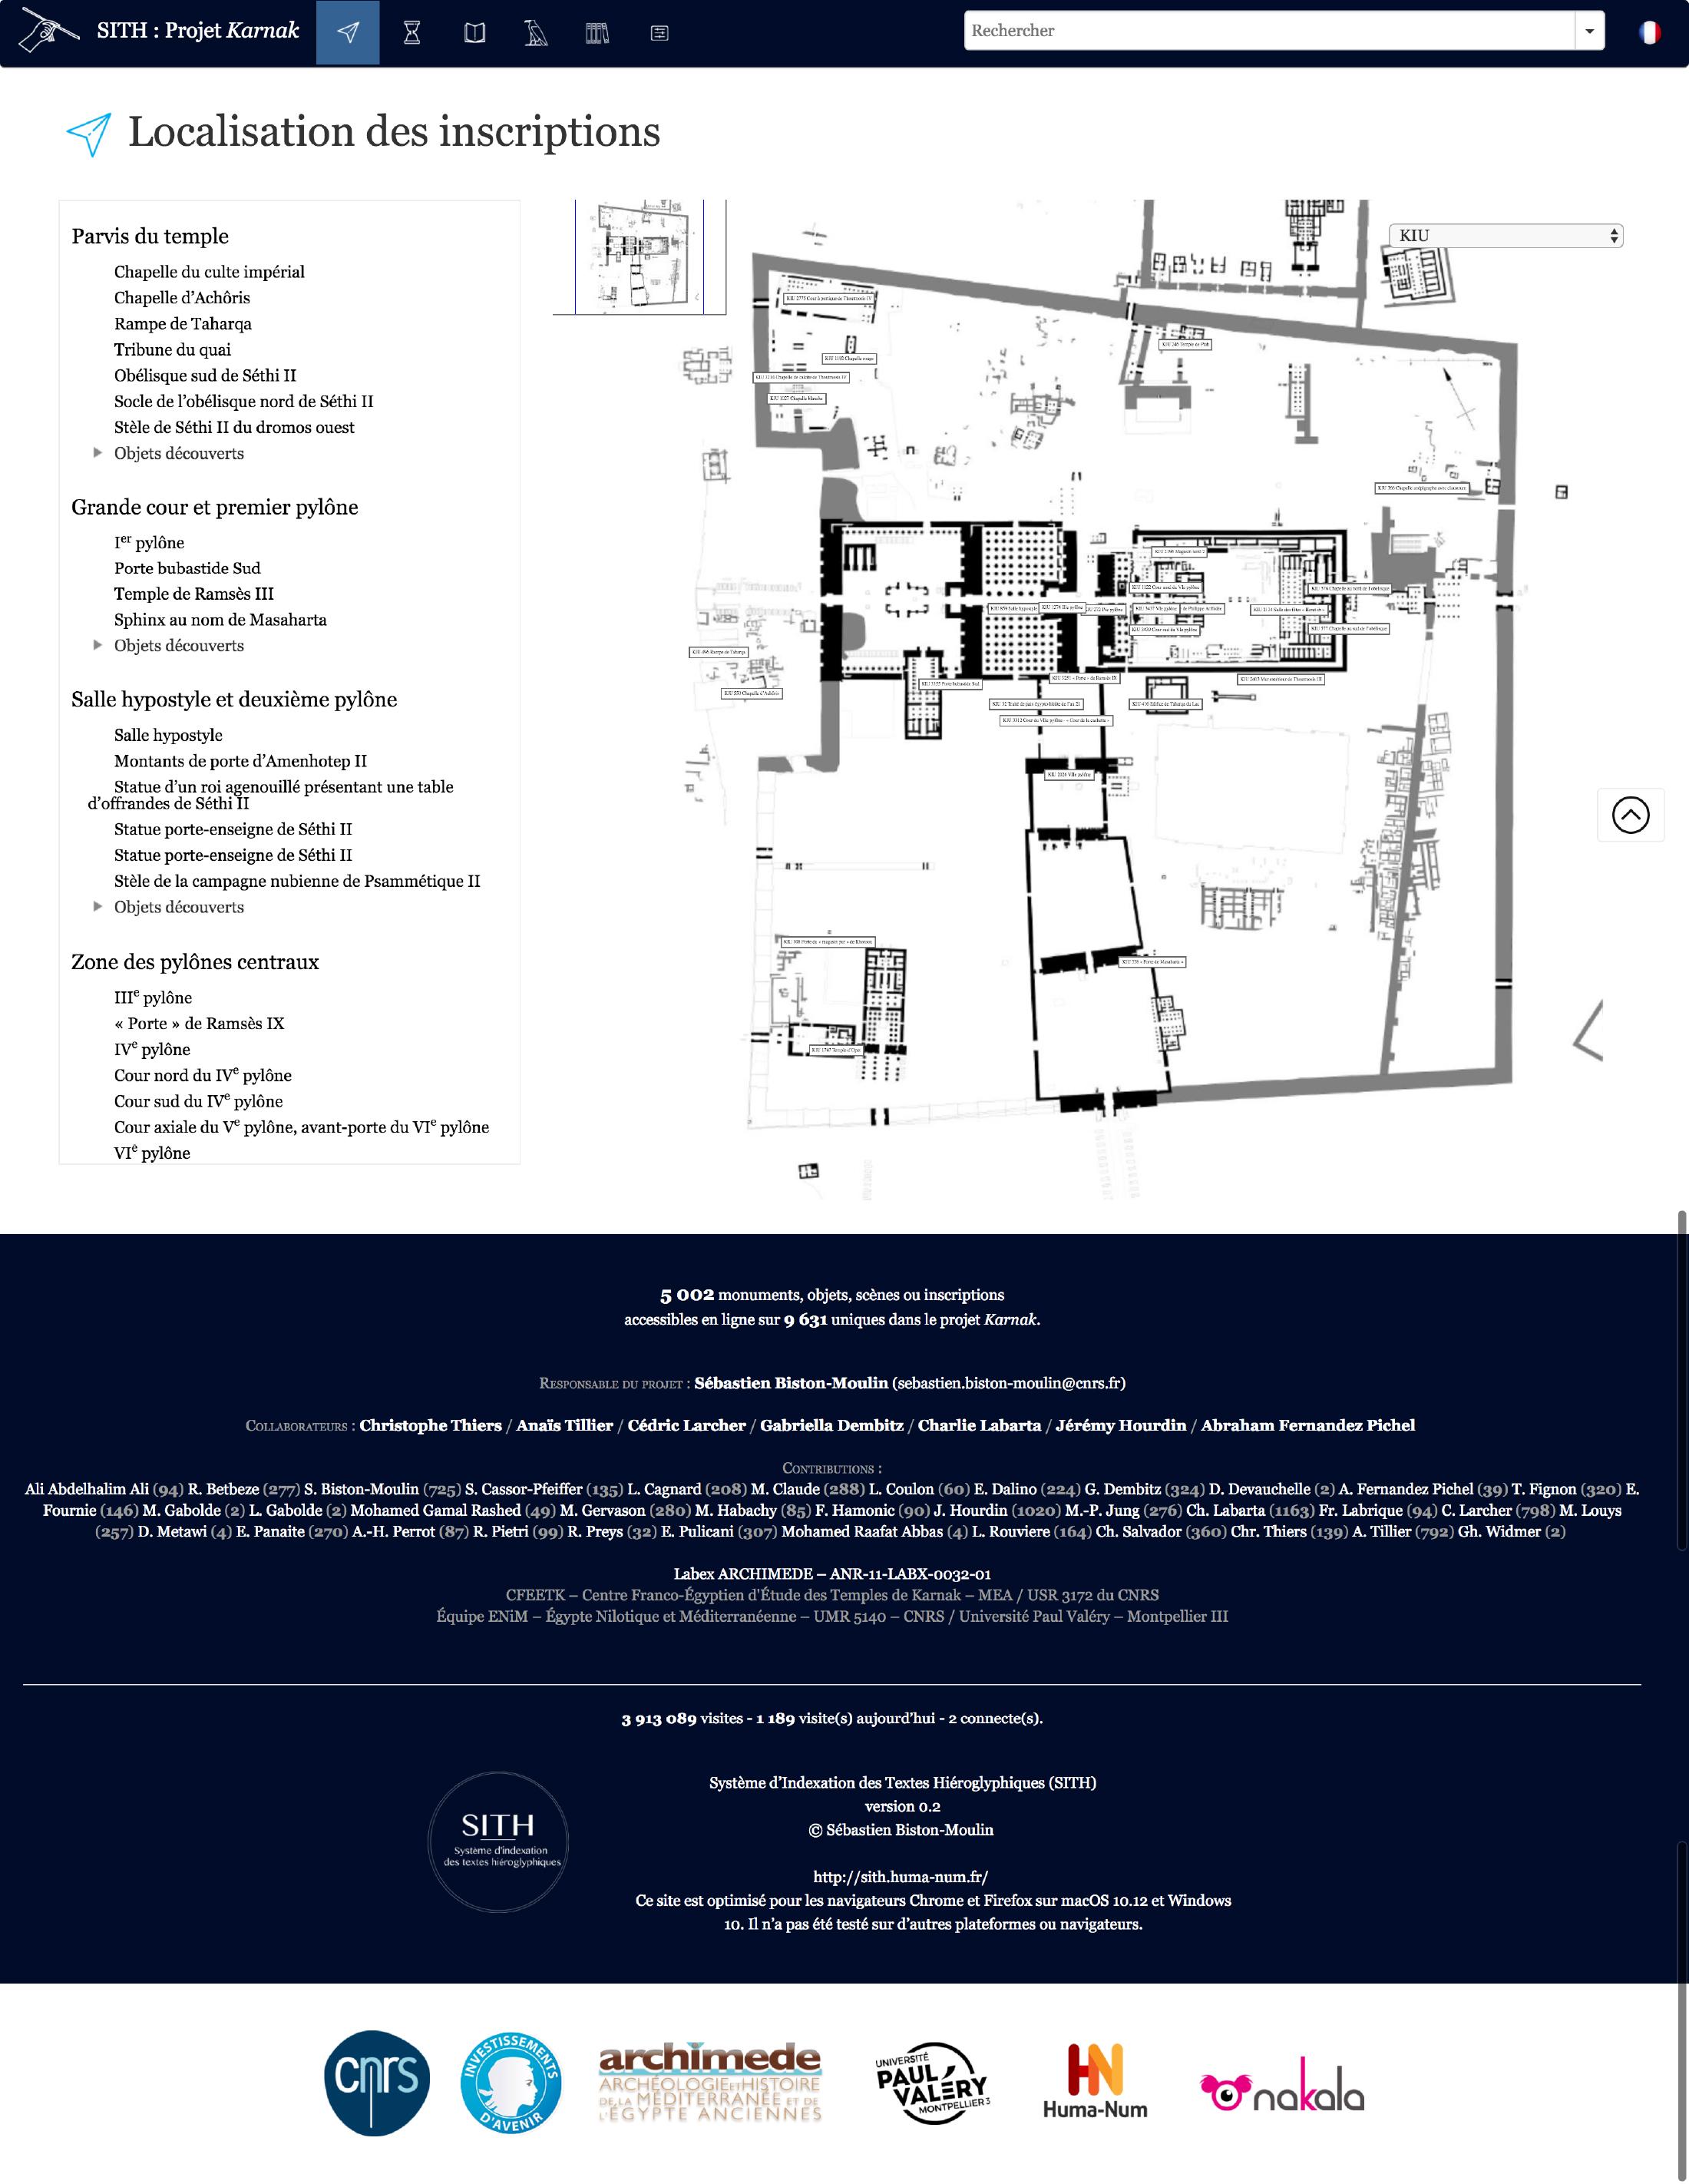 Inauguration de la nouvelle interface du projet Karnak et ouverture des index des inscriptions de Karnak